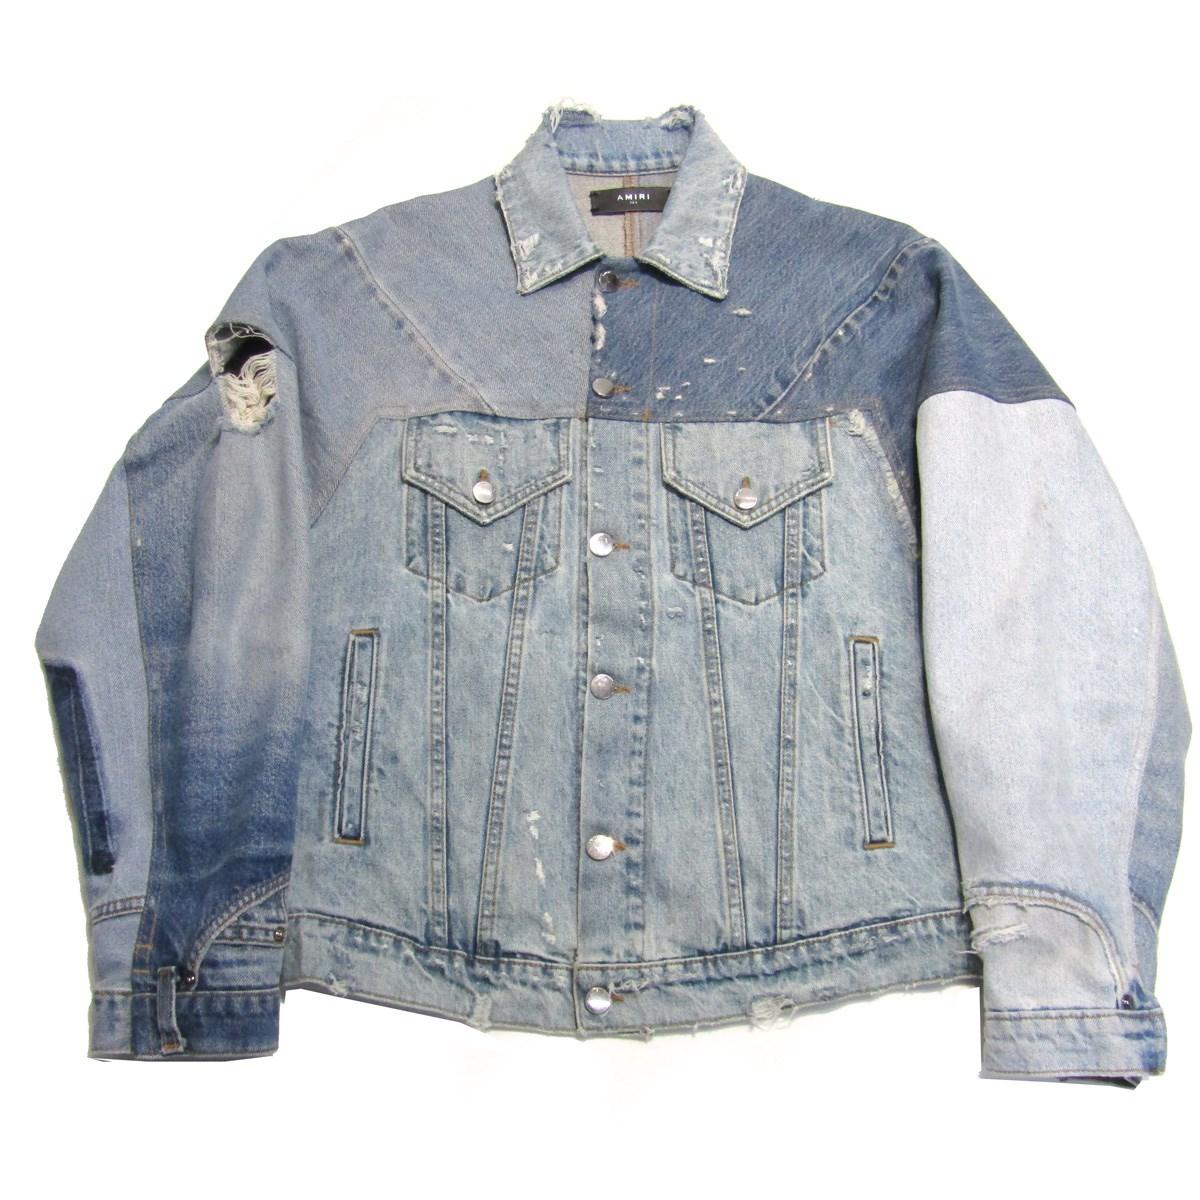 【中古】AMIRIダメージ加工 再構築デニムジャケット ブルー サイズ:XS-S 【4月2日見直し】